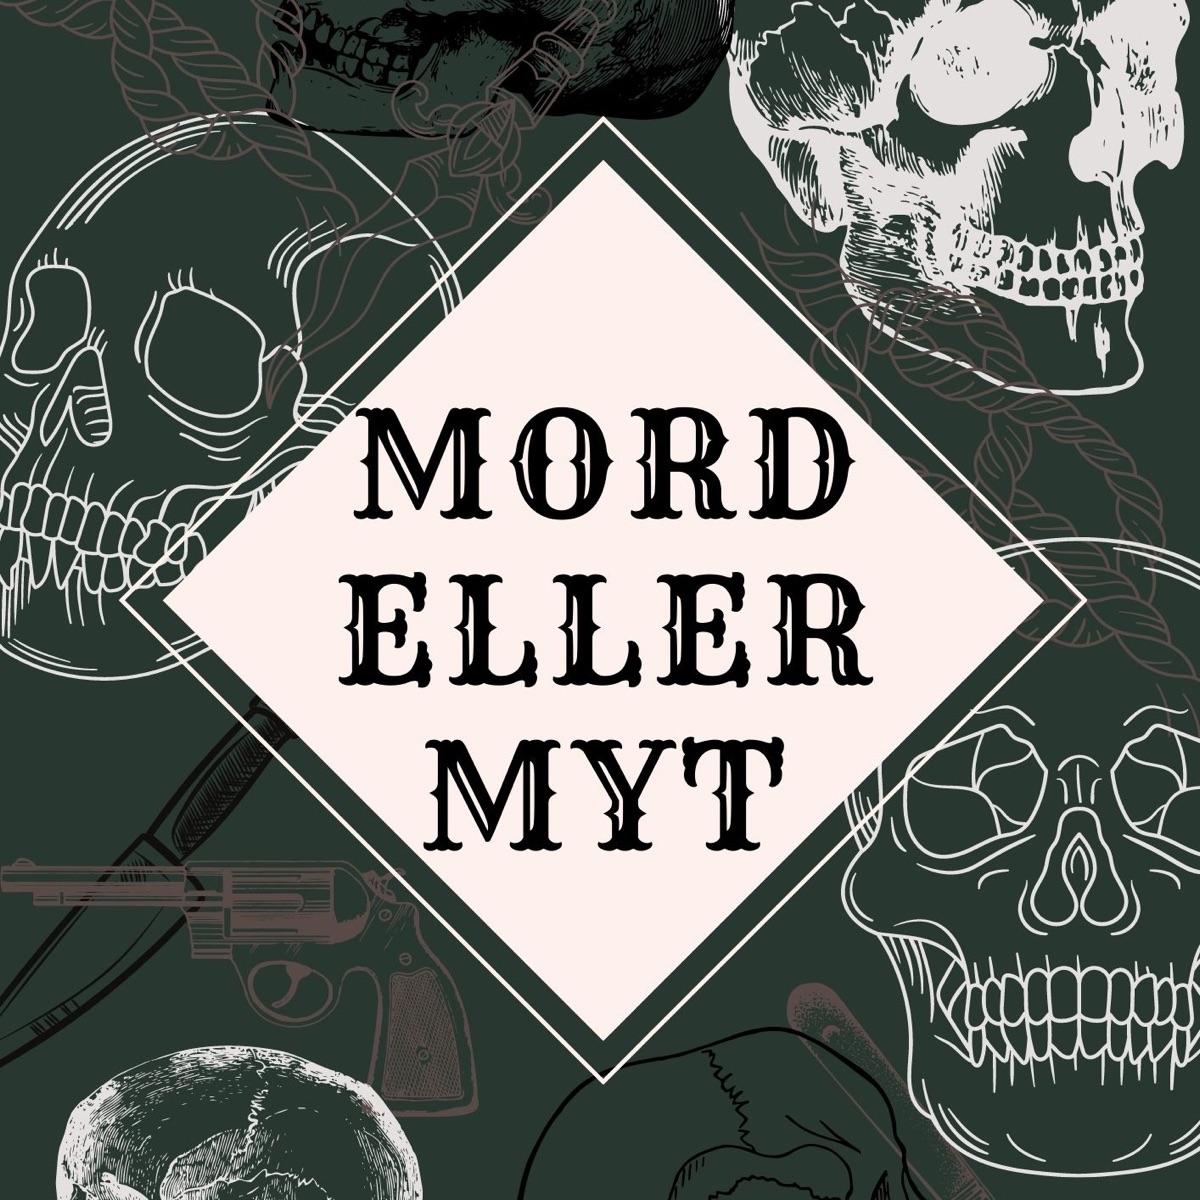 Mord eller myt